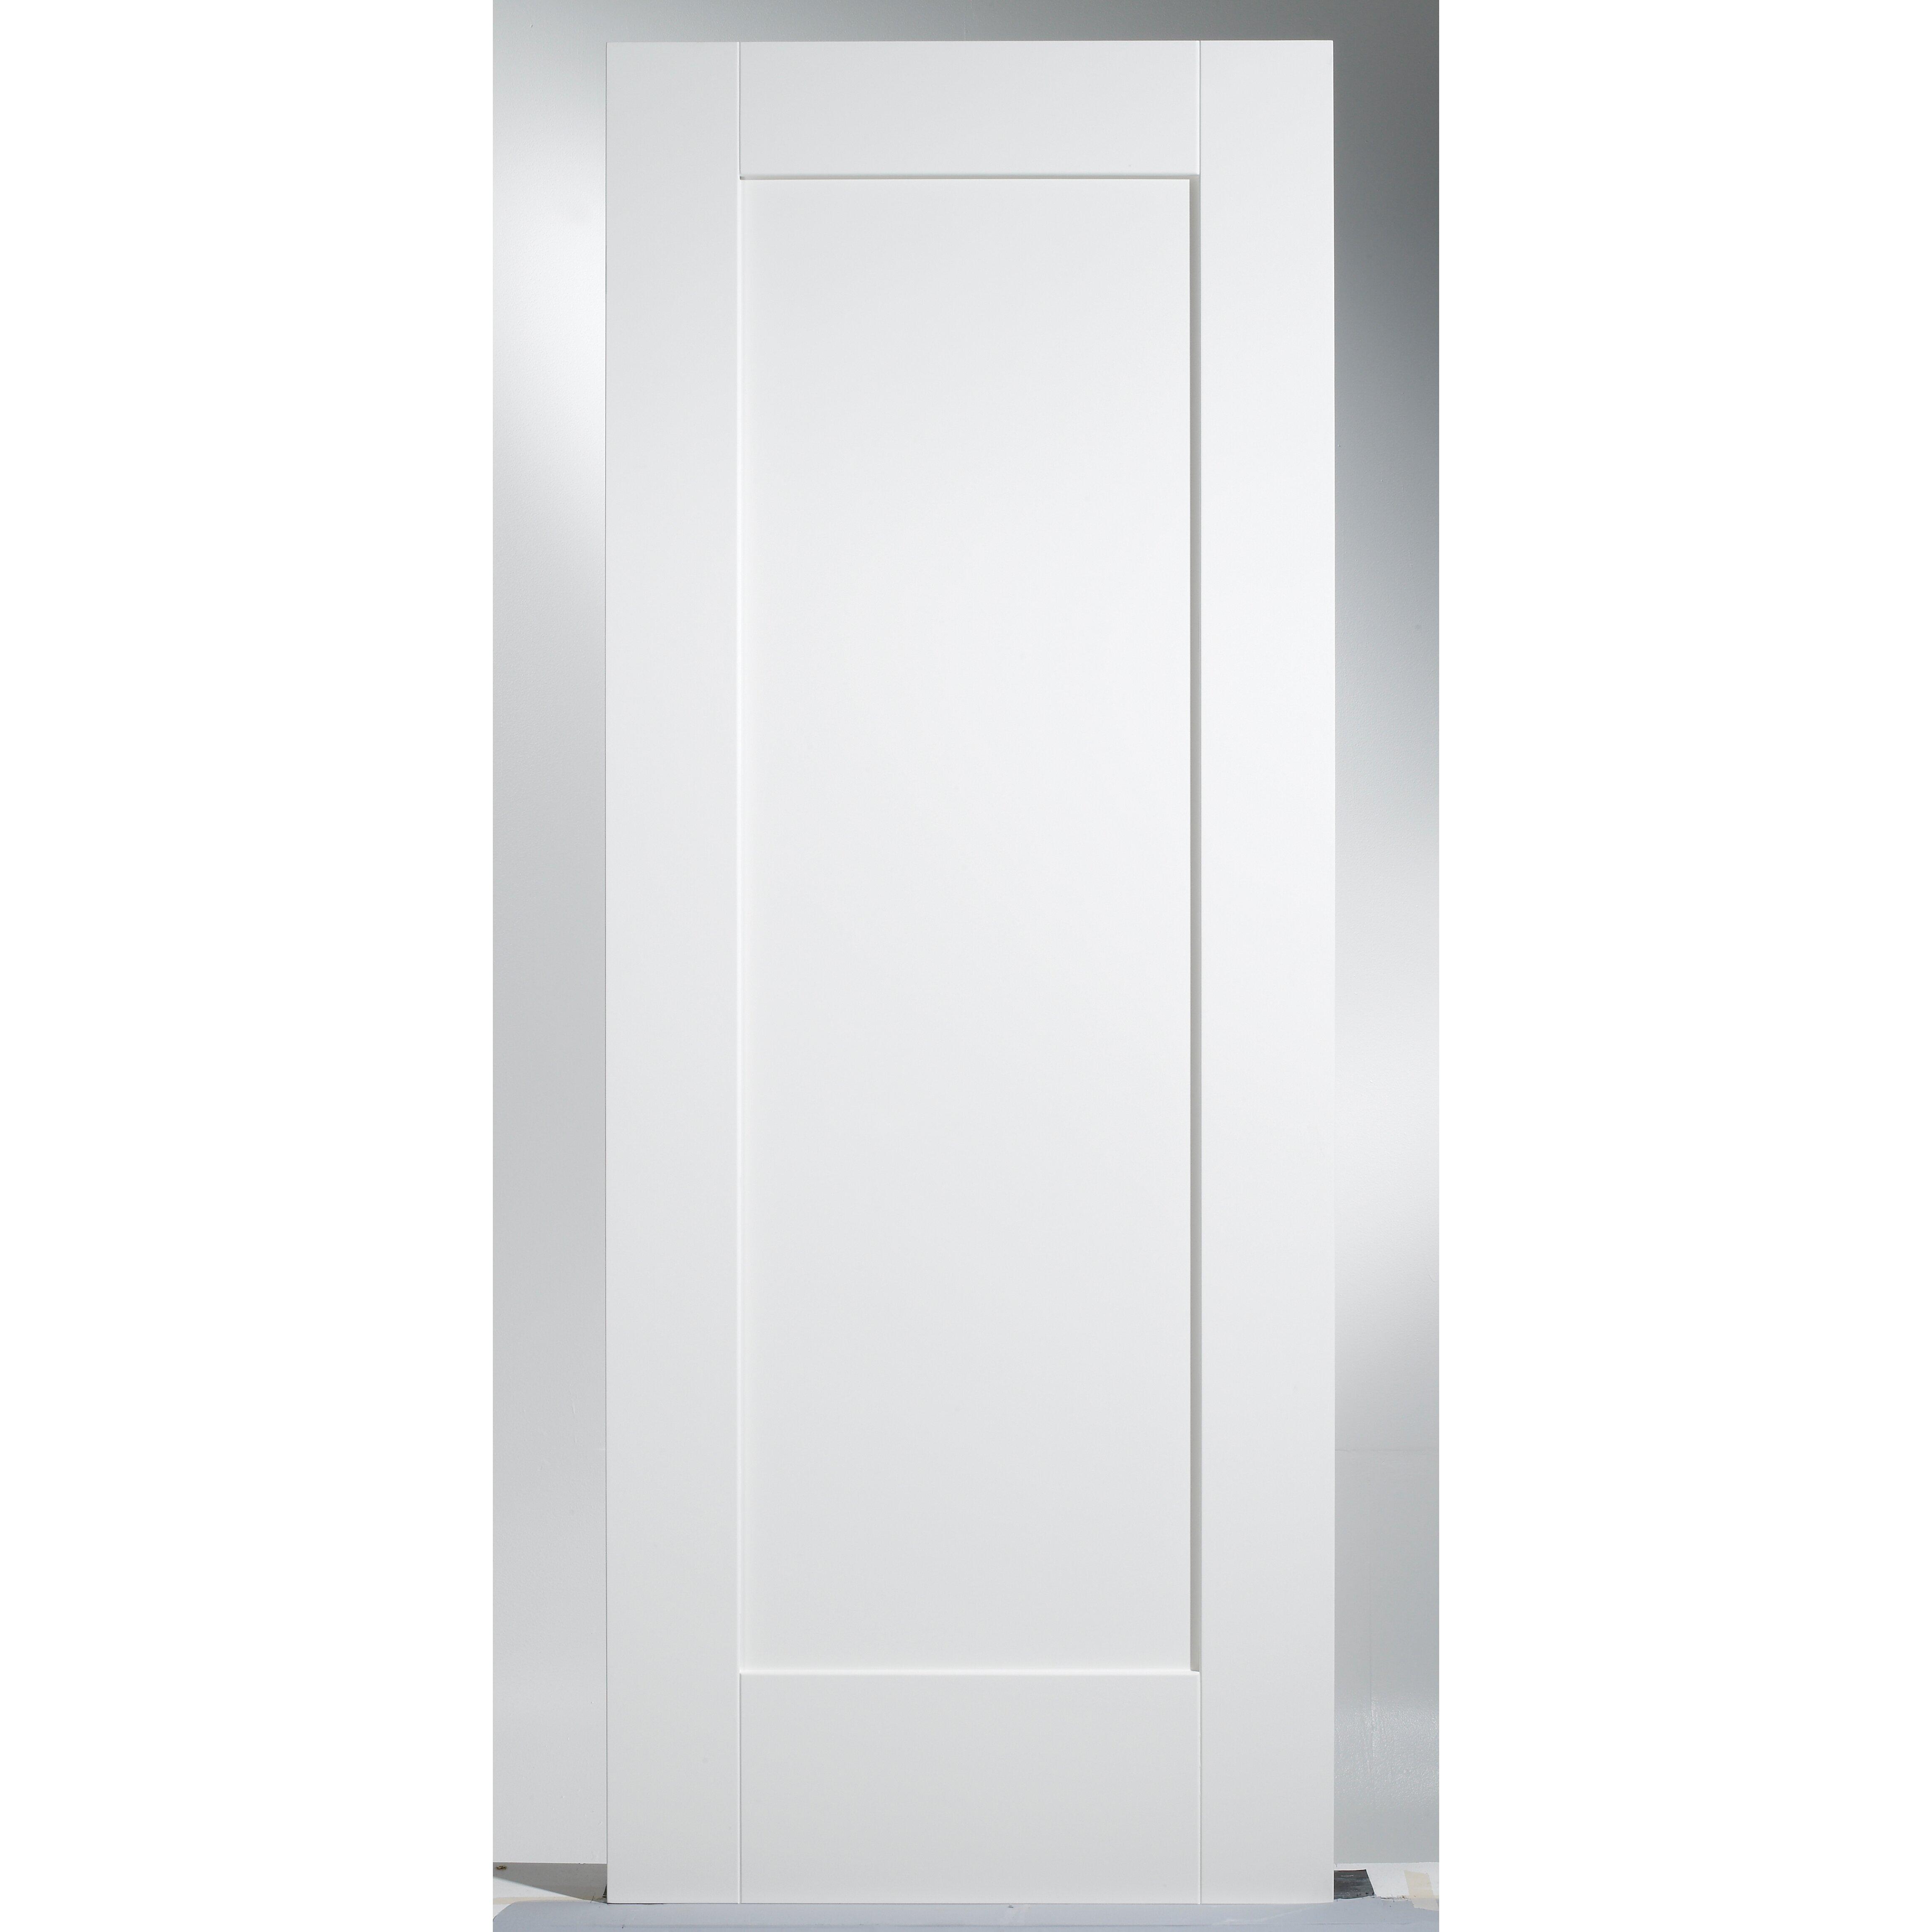 Lpd Doors Shaker Mdf 1 Panel White Internal Door Reviews